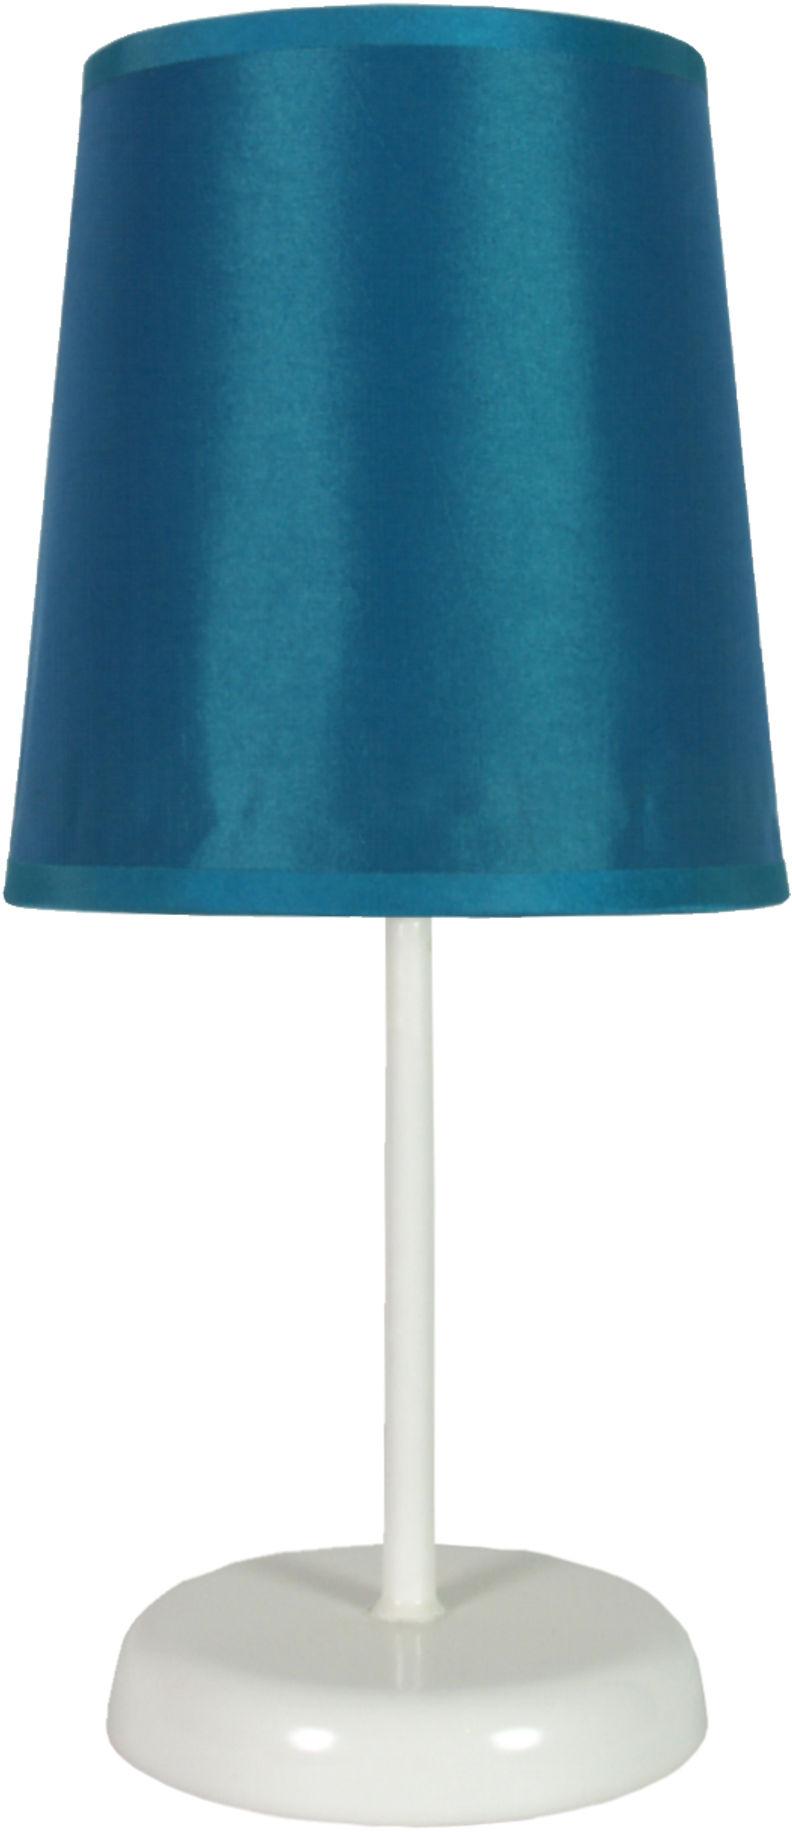 Candellux GALA 41-98545 lampa stołowa abażur niebieski 1X40W E14 14 cm